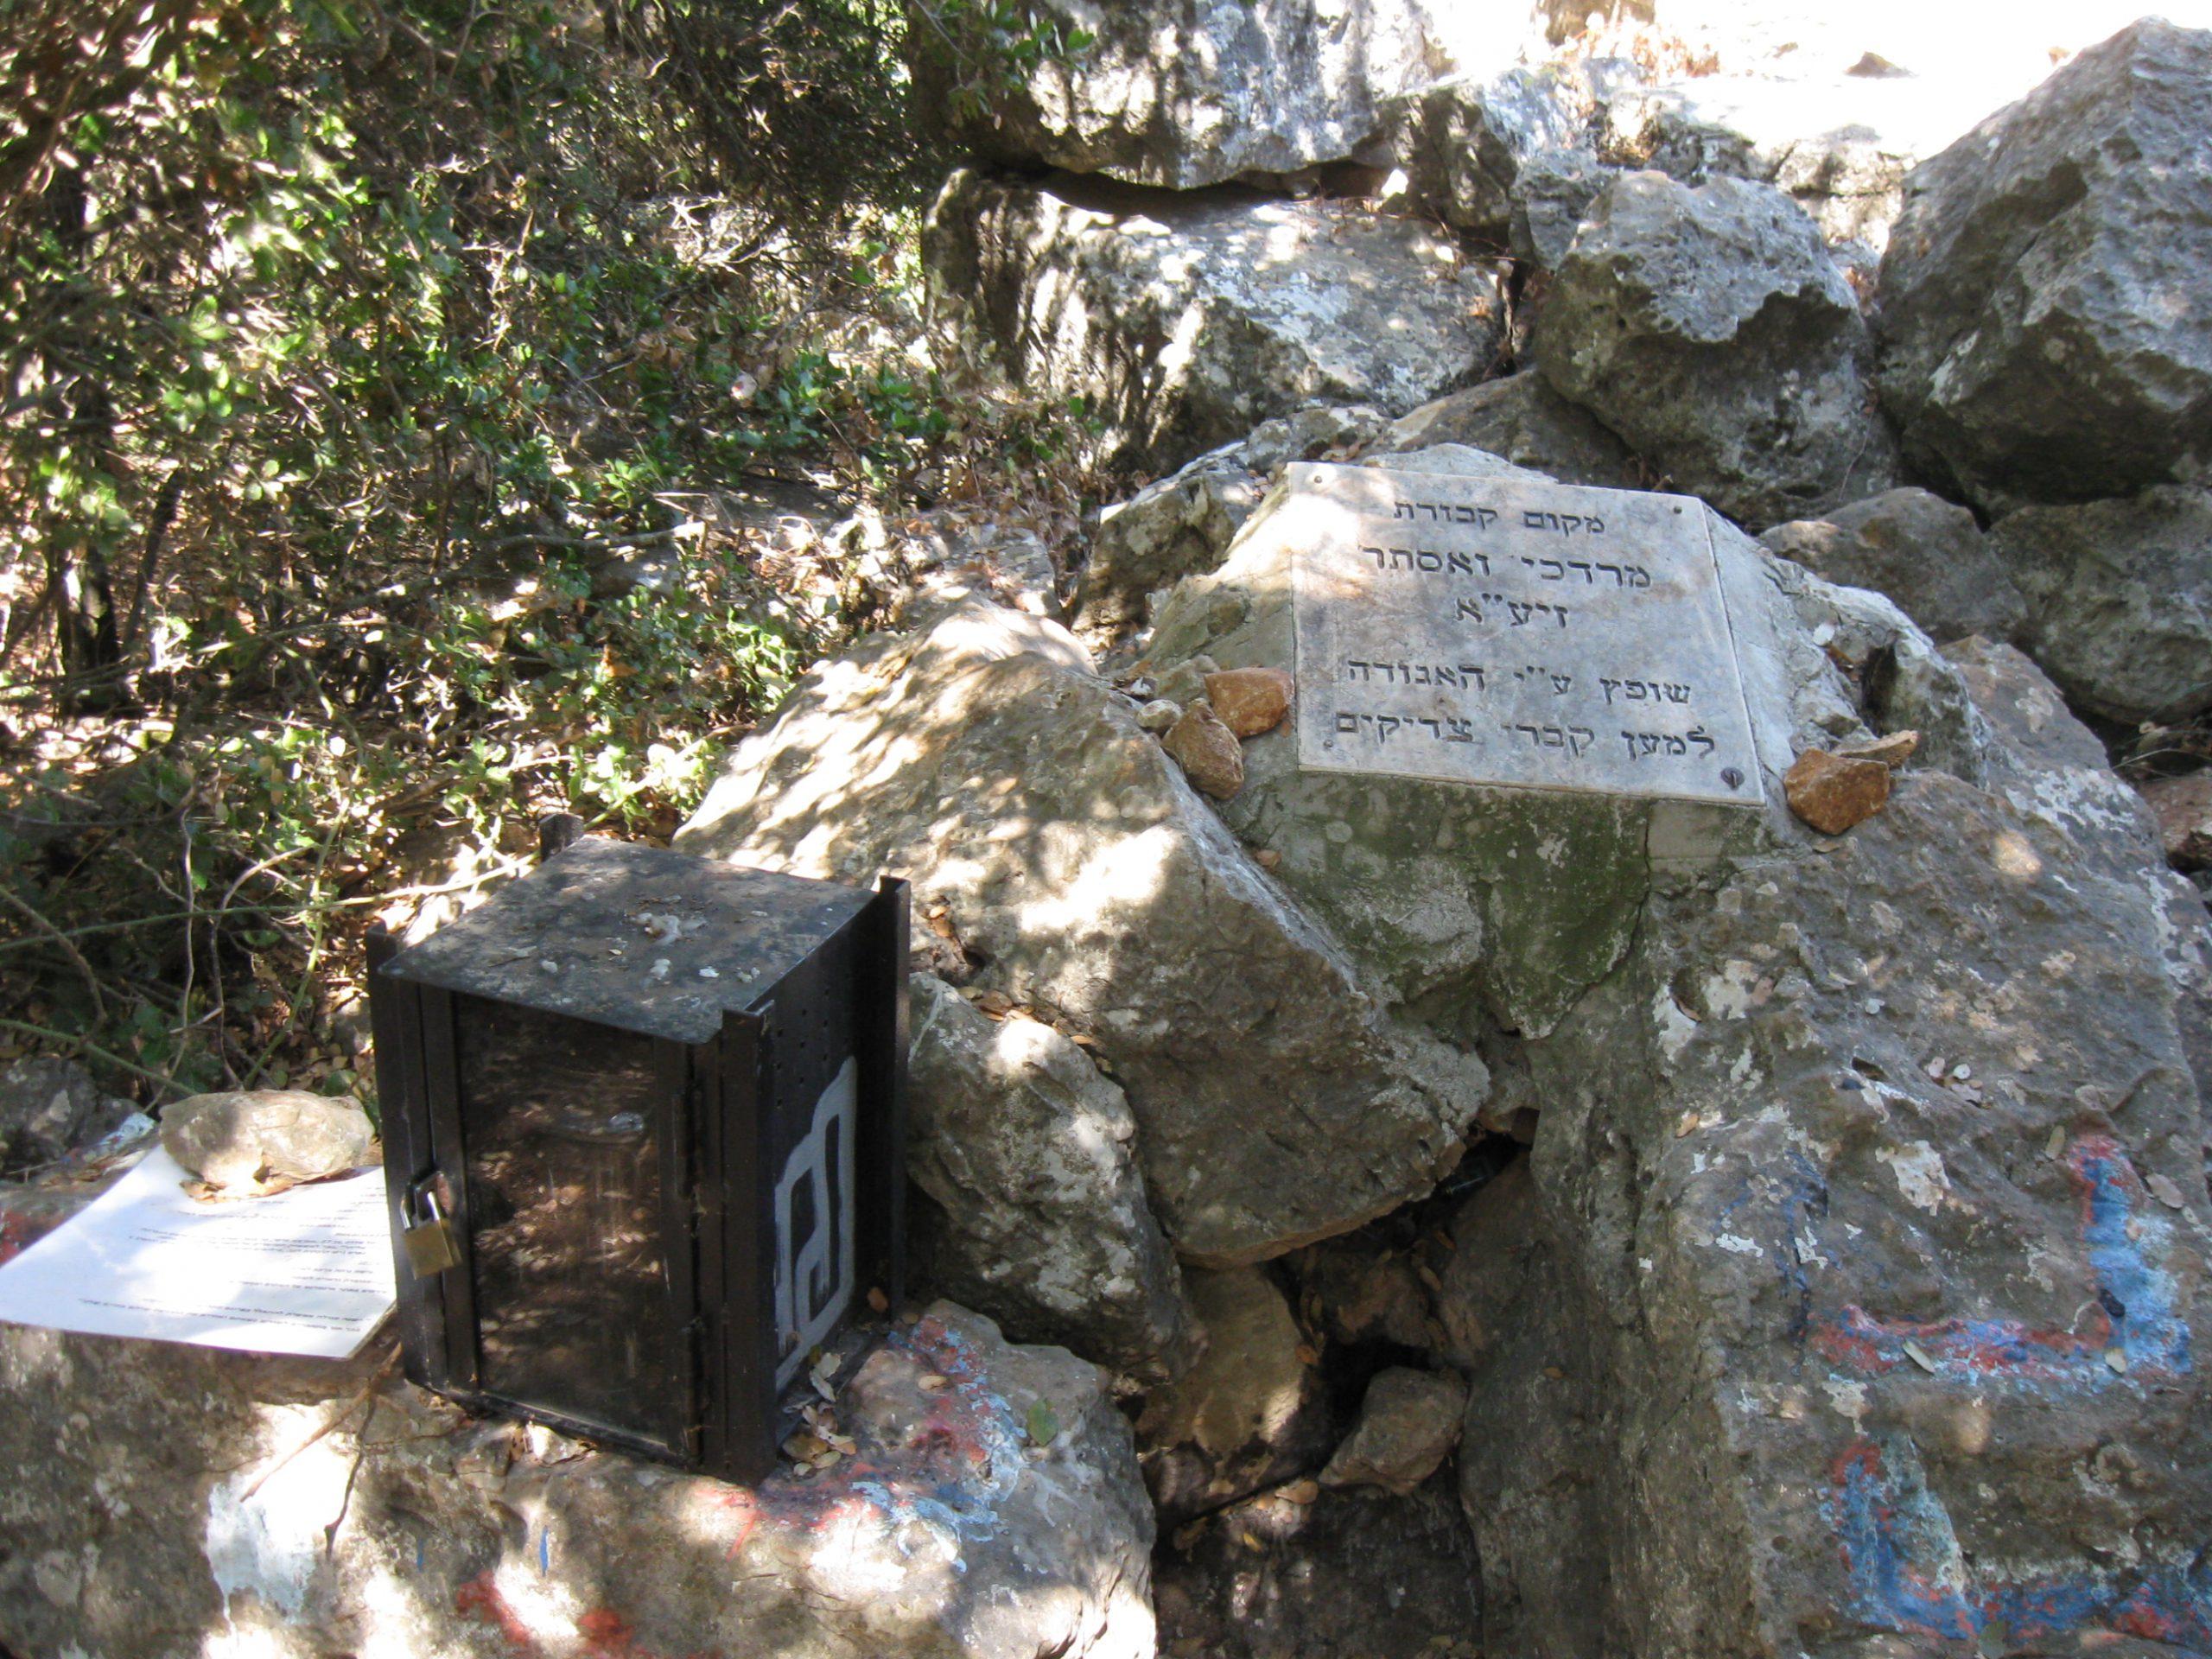 המקום בעל המסורת העממית בו מצוין מקום קבורתה של אסתר (ומרדכי) בברעם